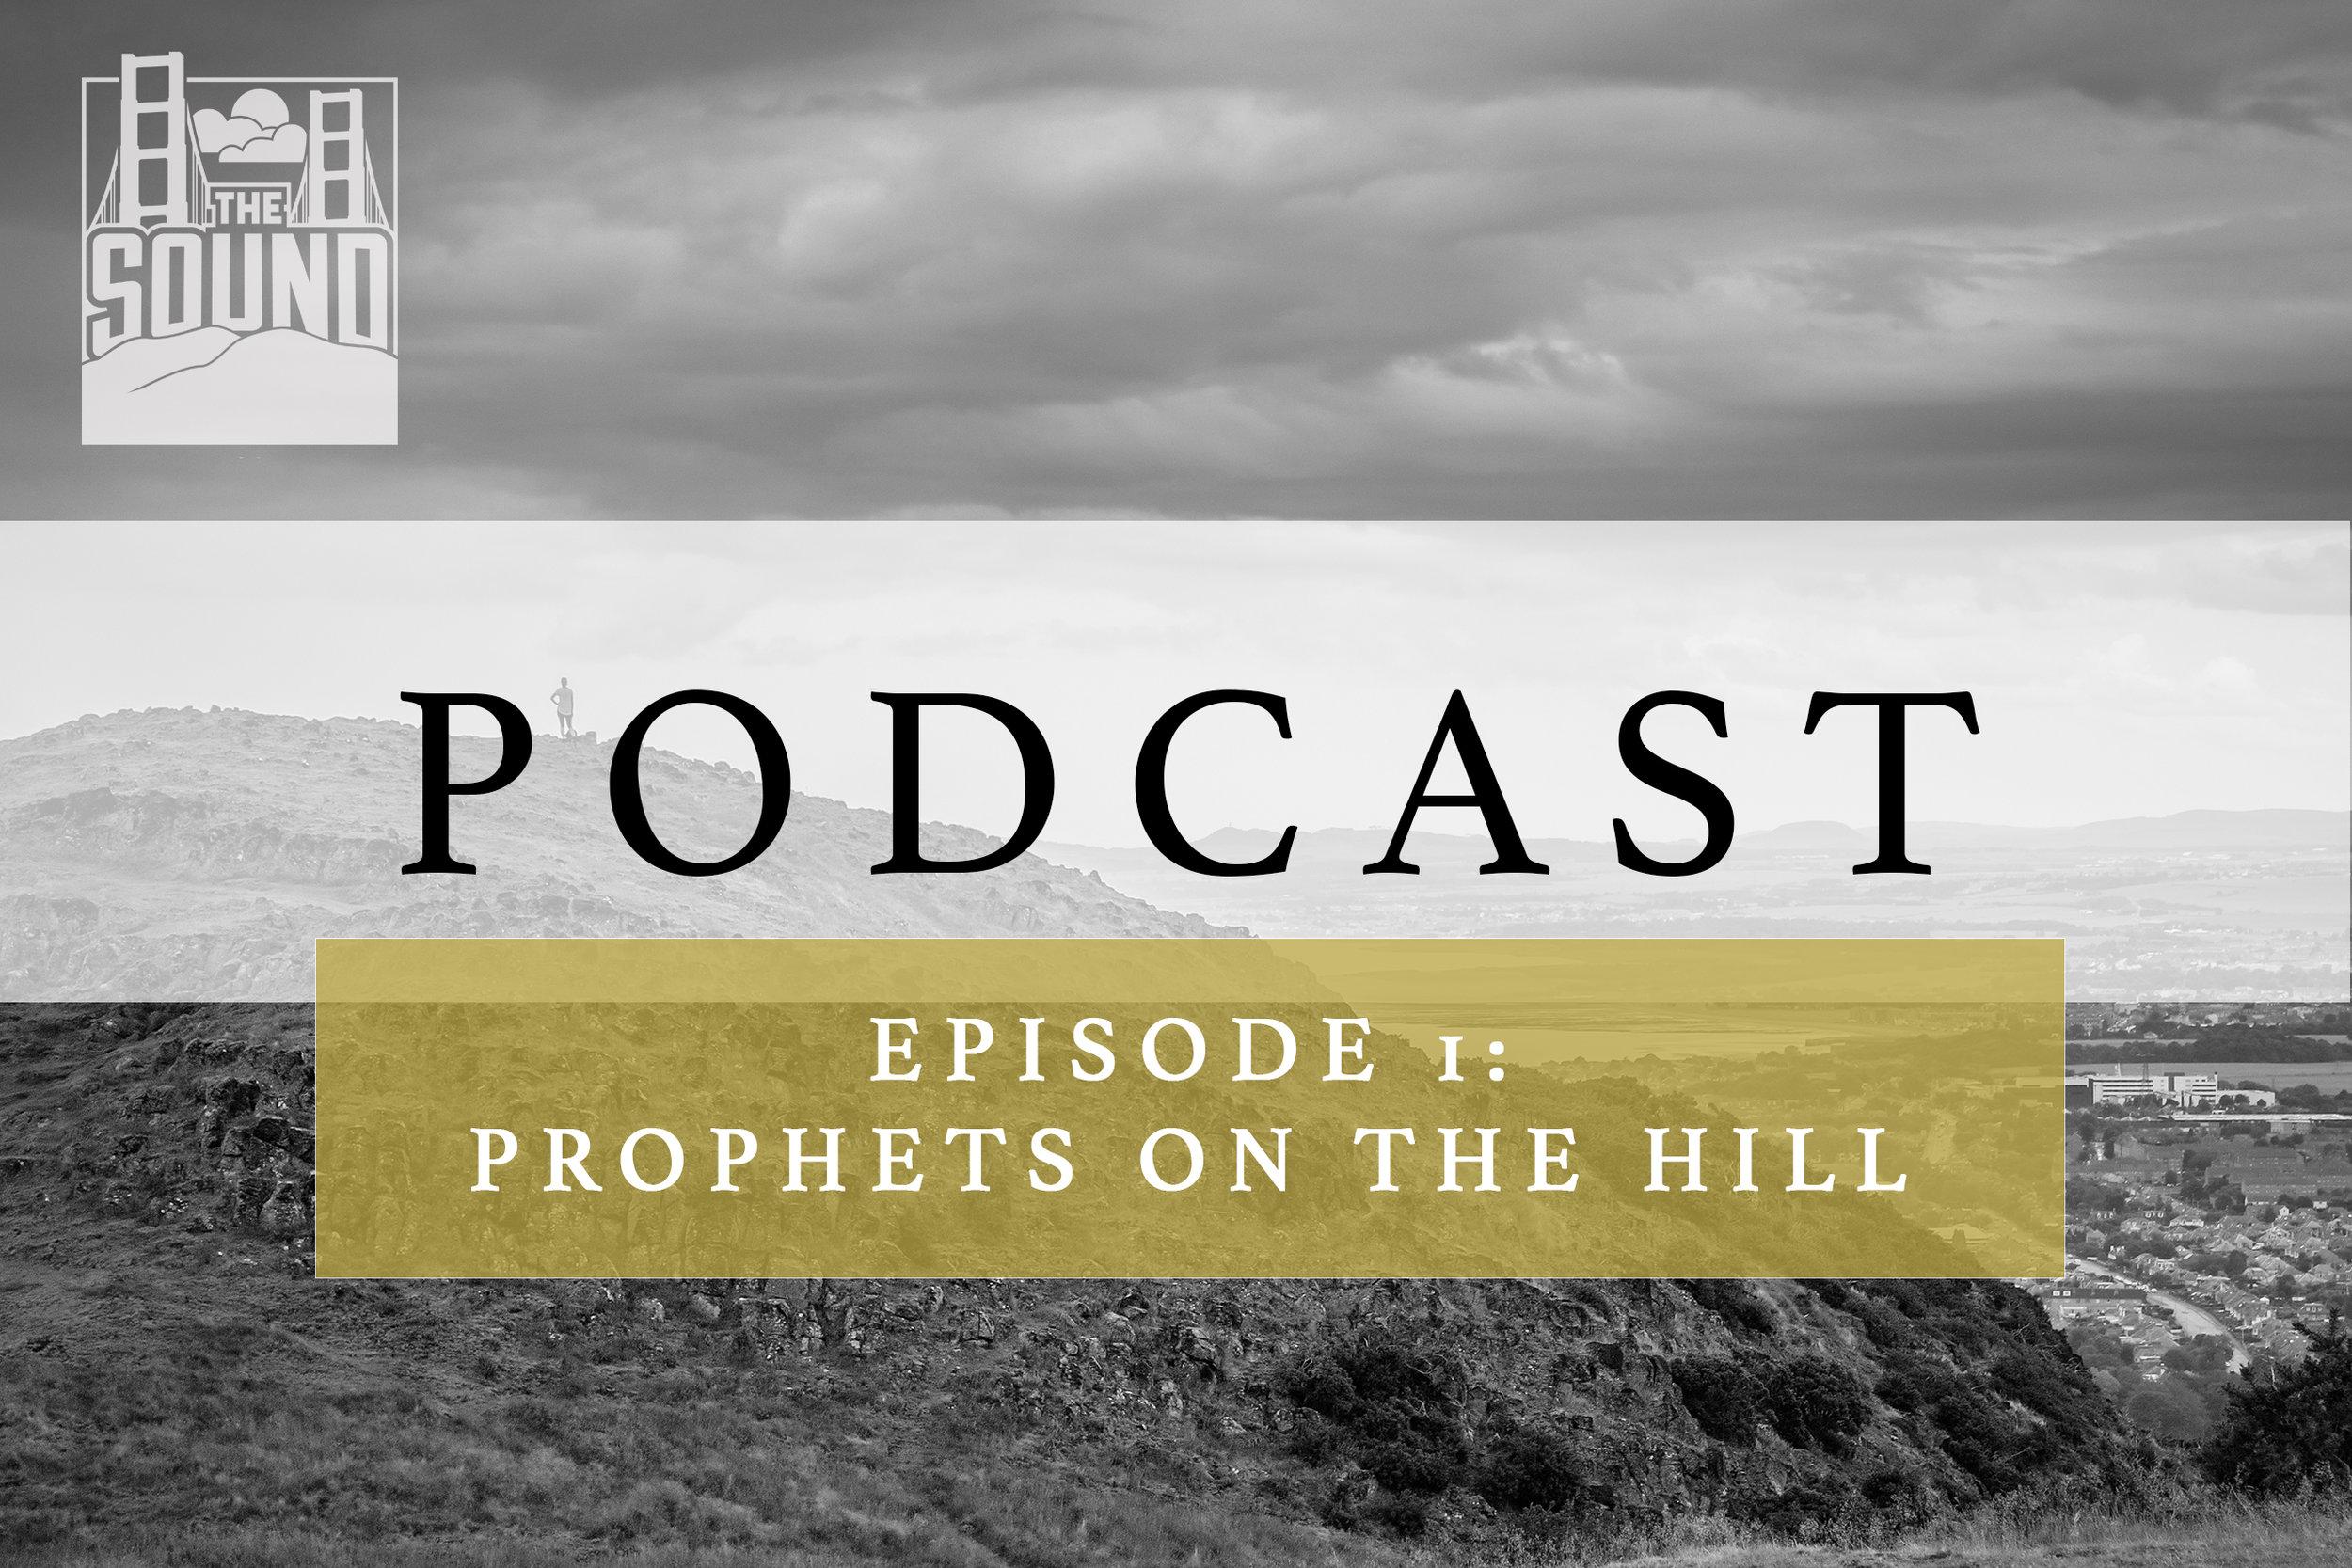 Podcast episode 1.jpg